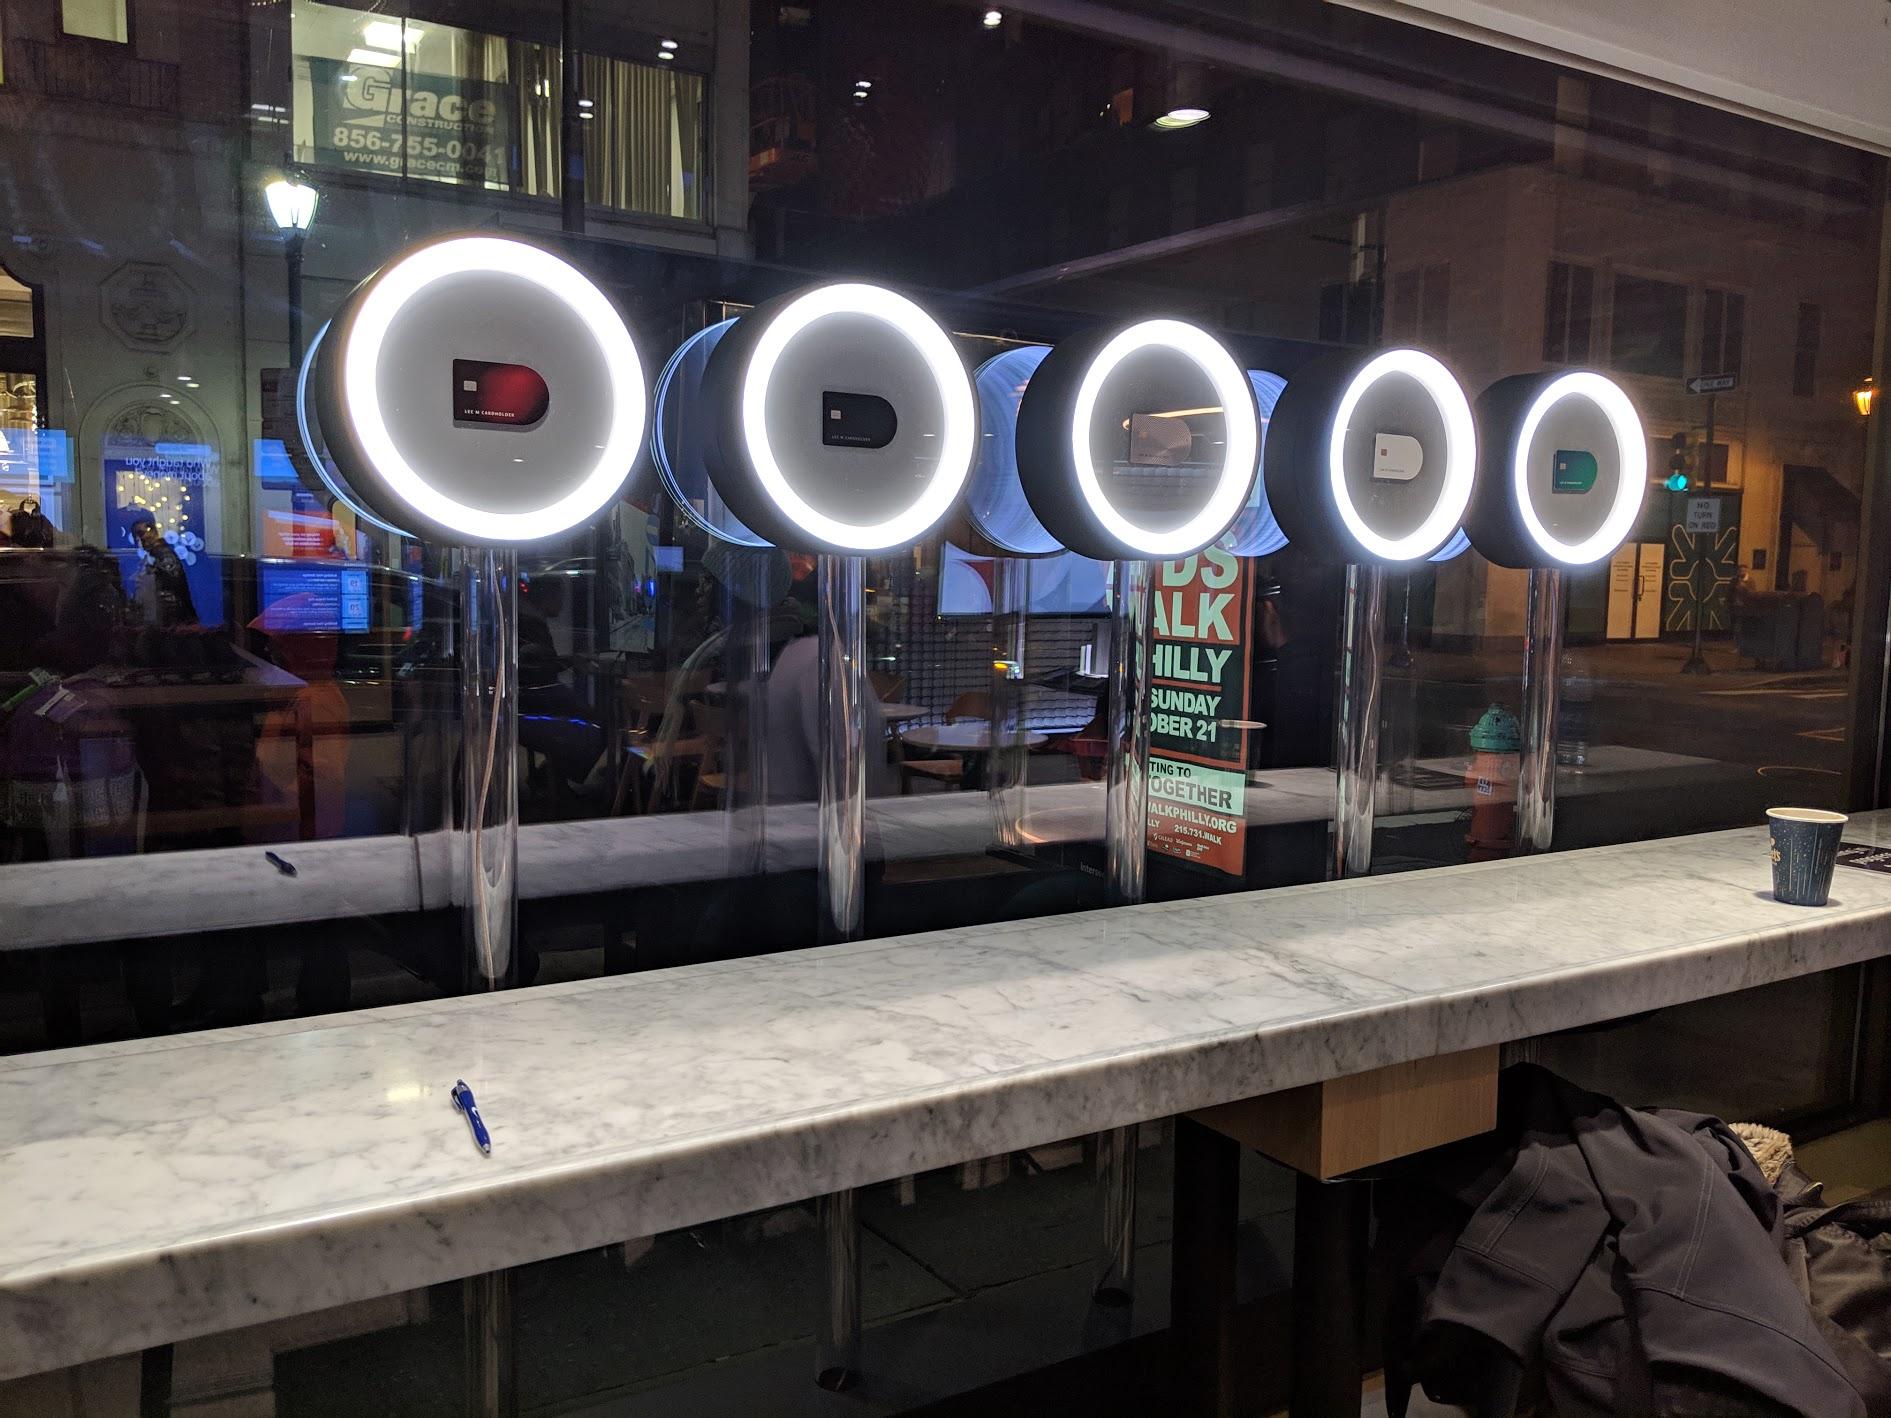 2 sets of ring lights adorned the cafe windows.